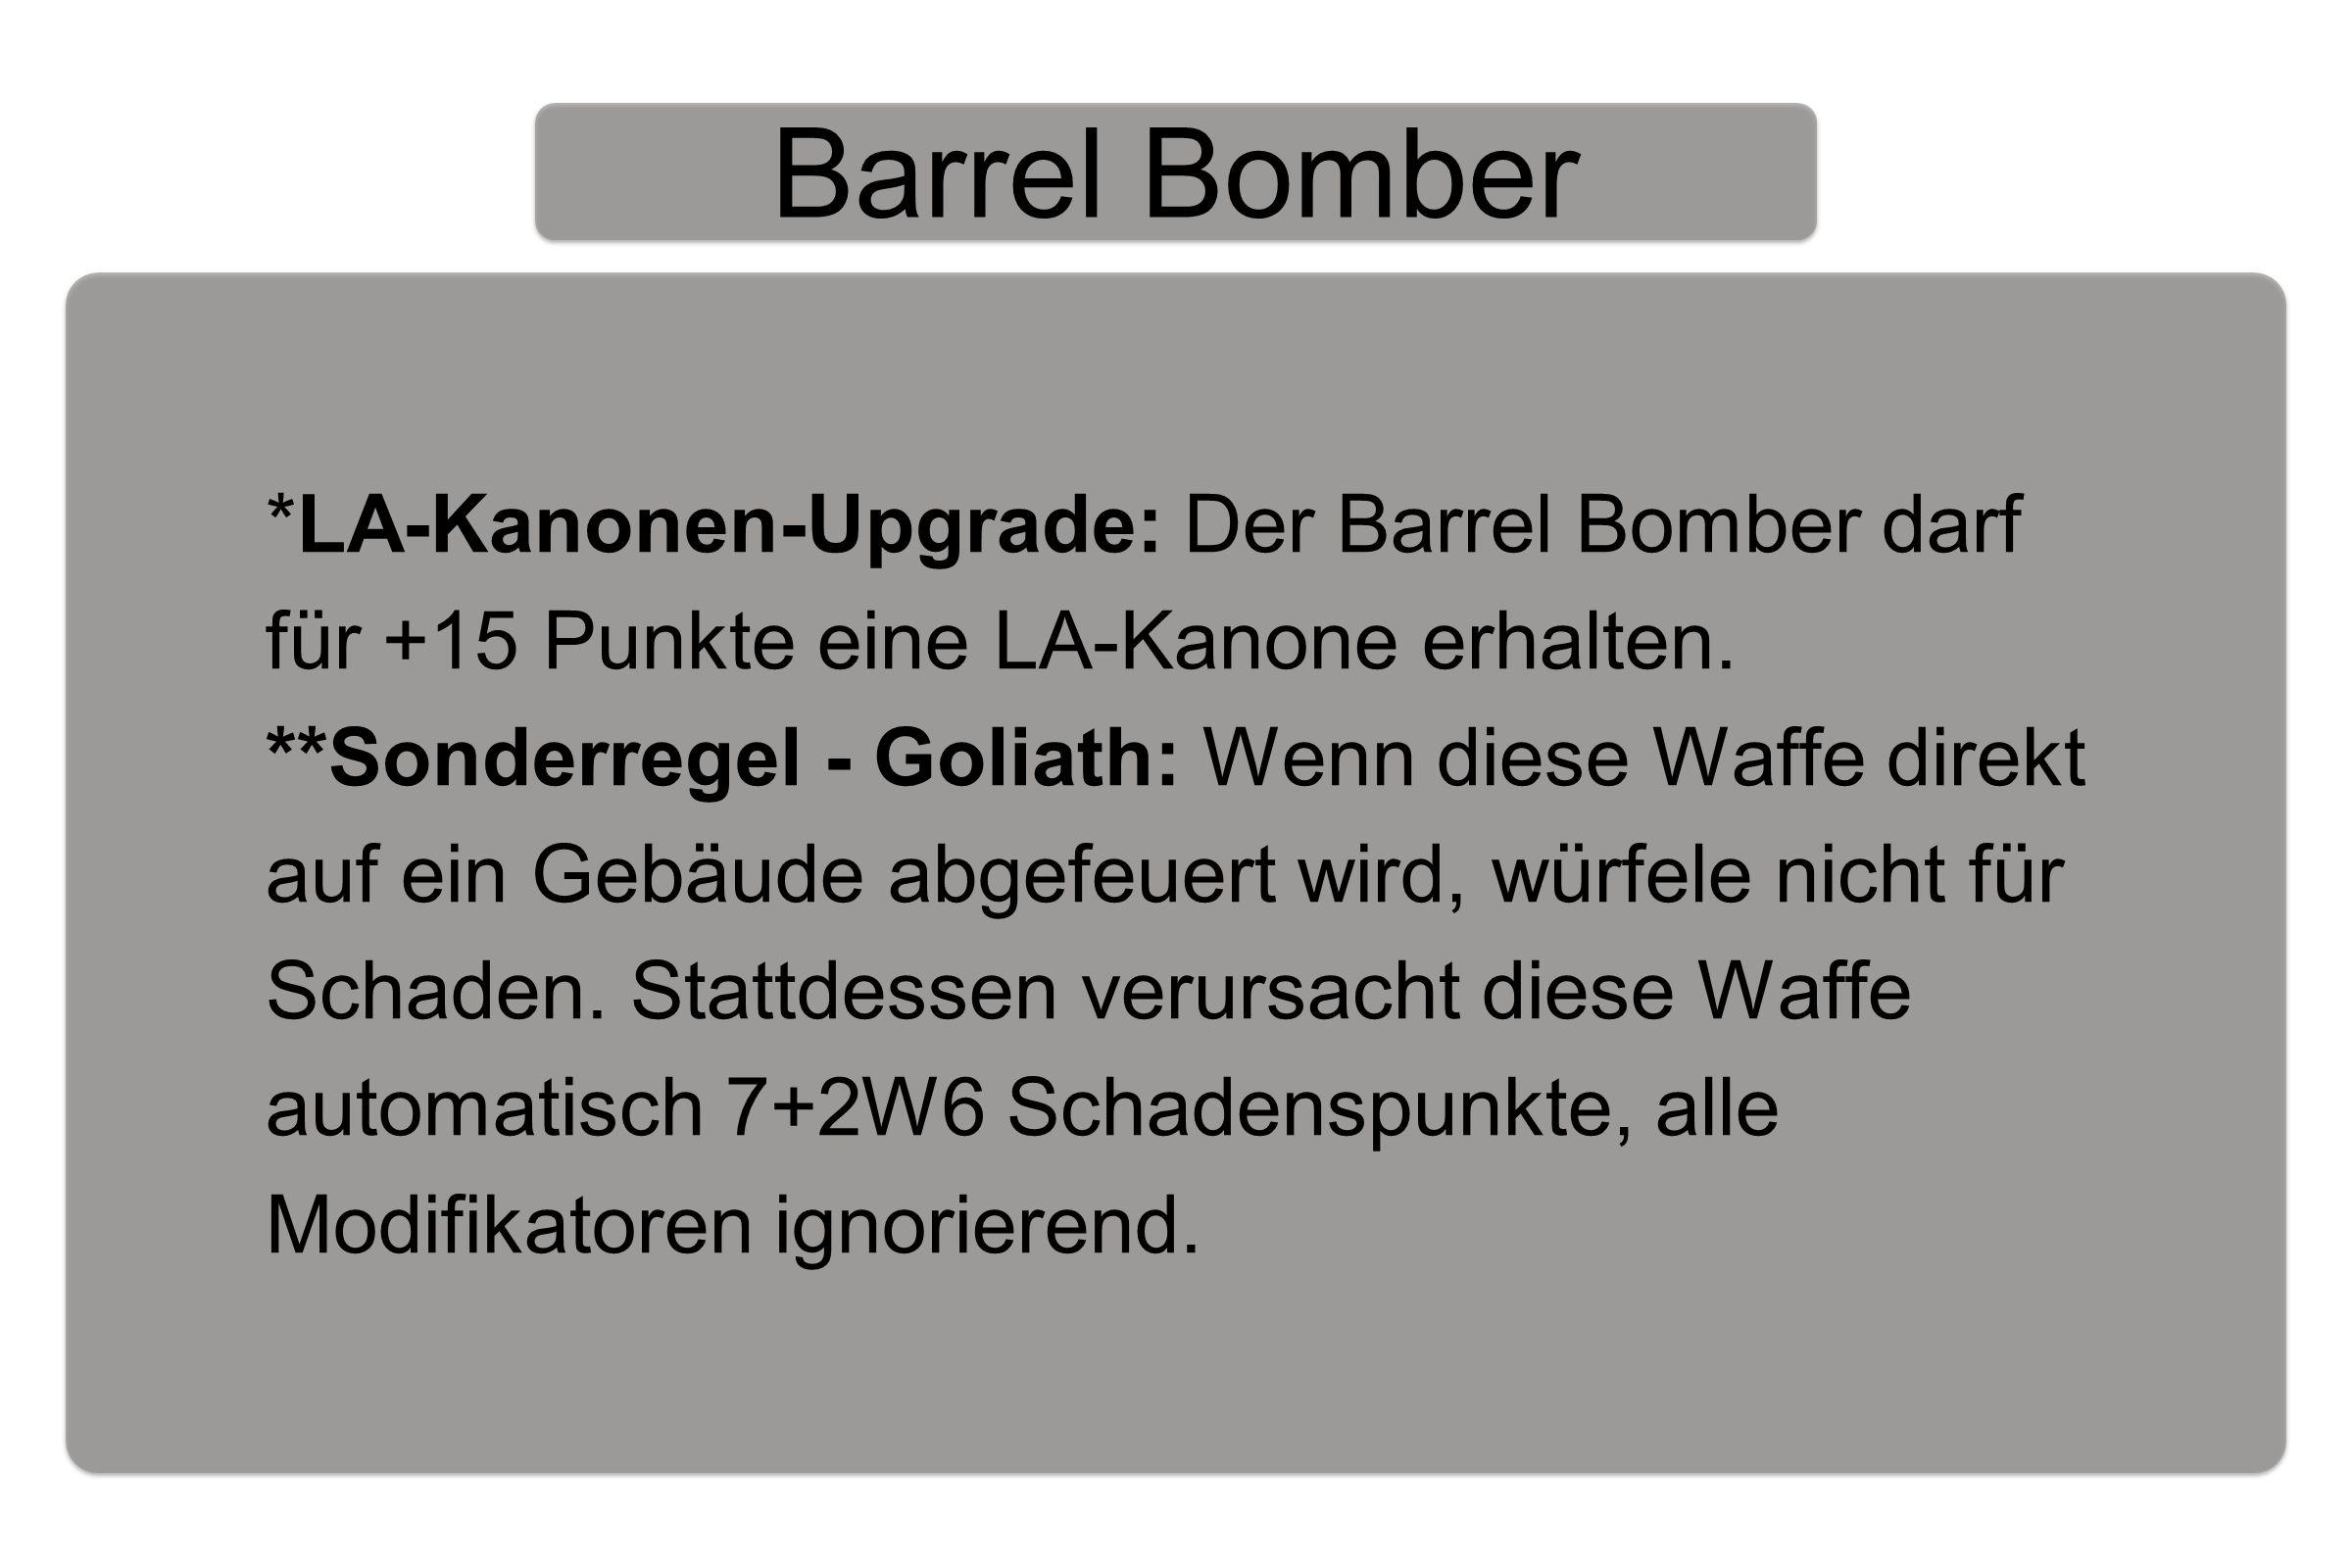 Barrel Bomber *LA-Kanonen-Upgrade: Der Barrel Bomber darf für +15 Punkte eine LA-Kanone erhalten.